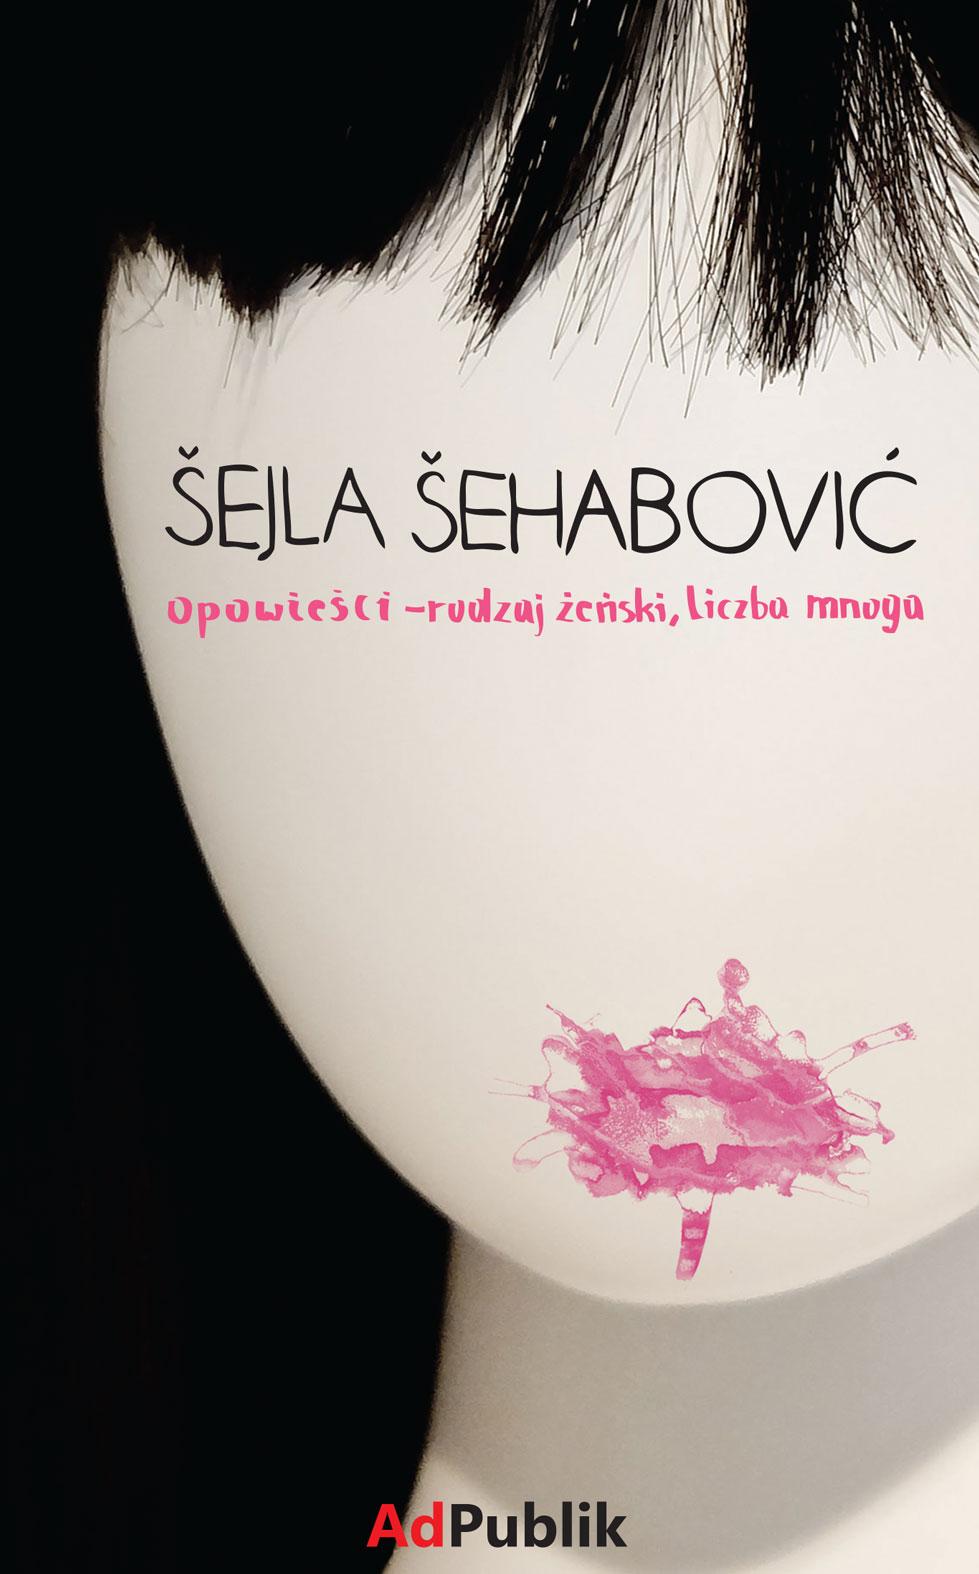 Opowieści - rodzaj żeński, liczba mnoga Šehabović  Šejla